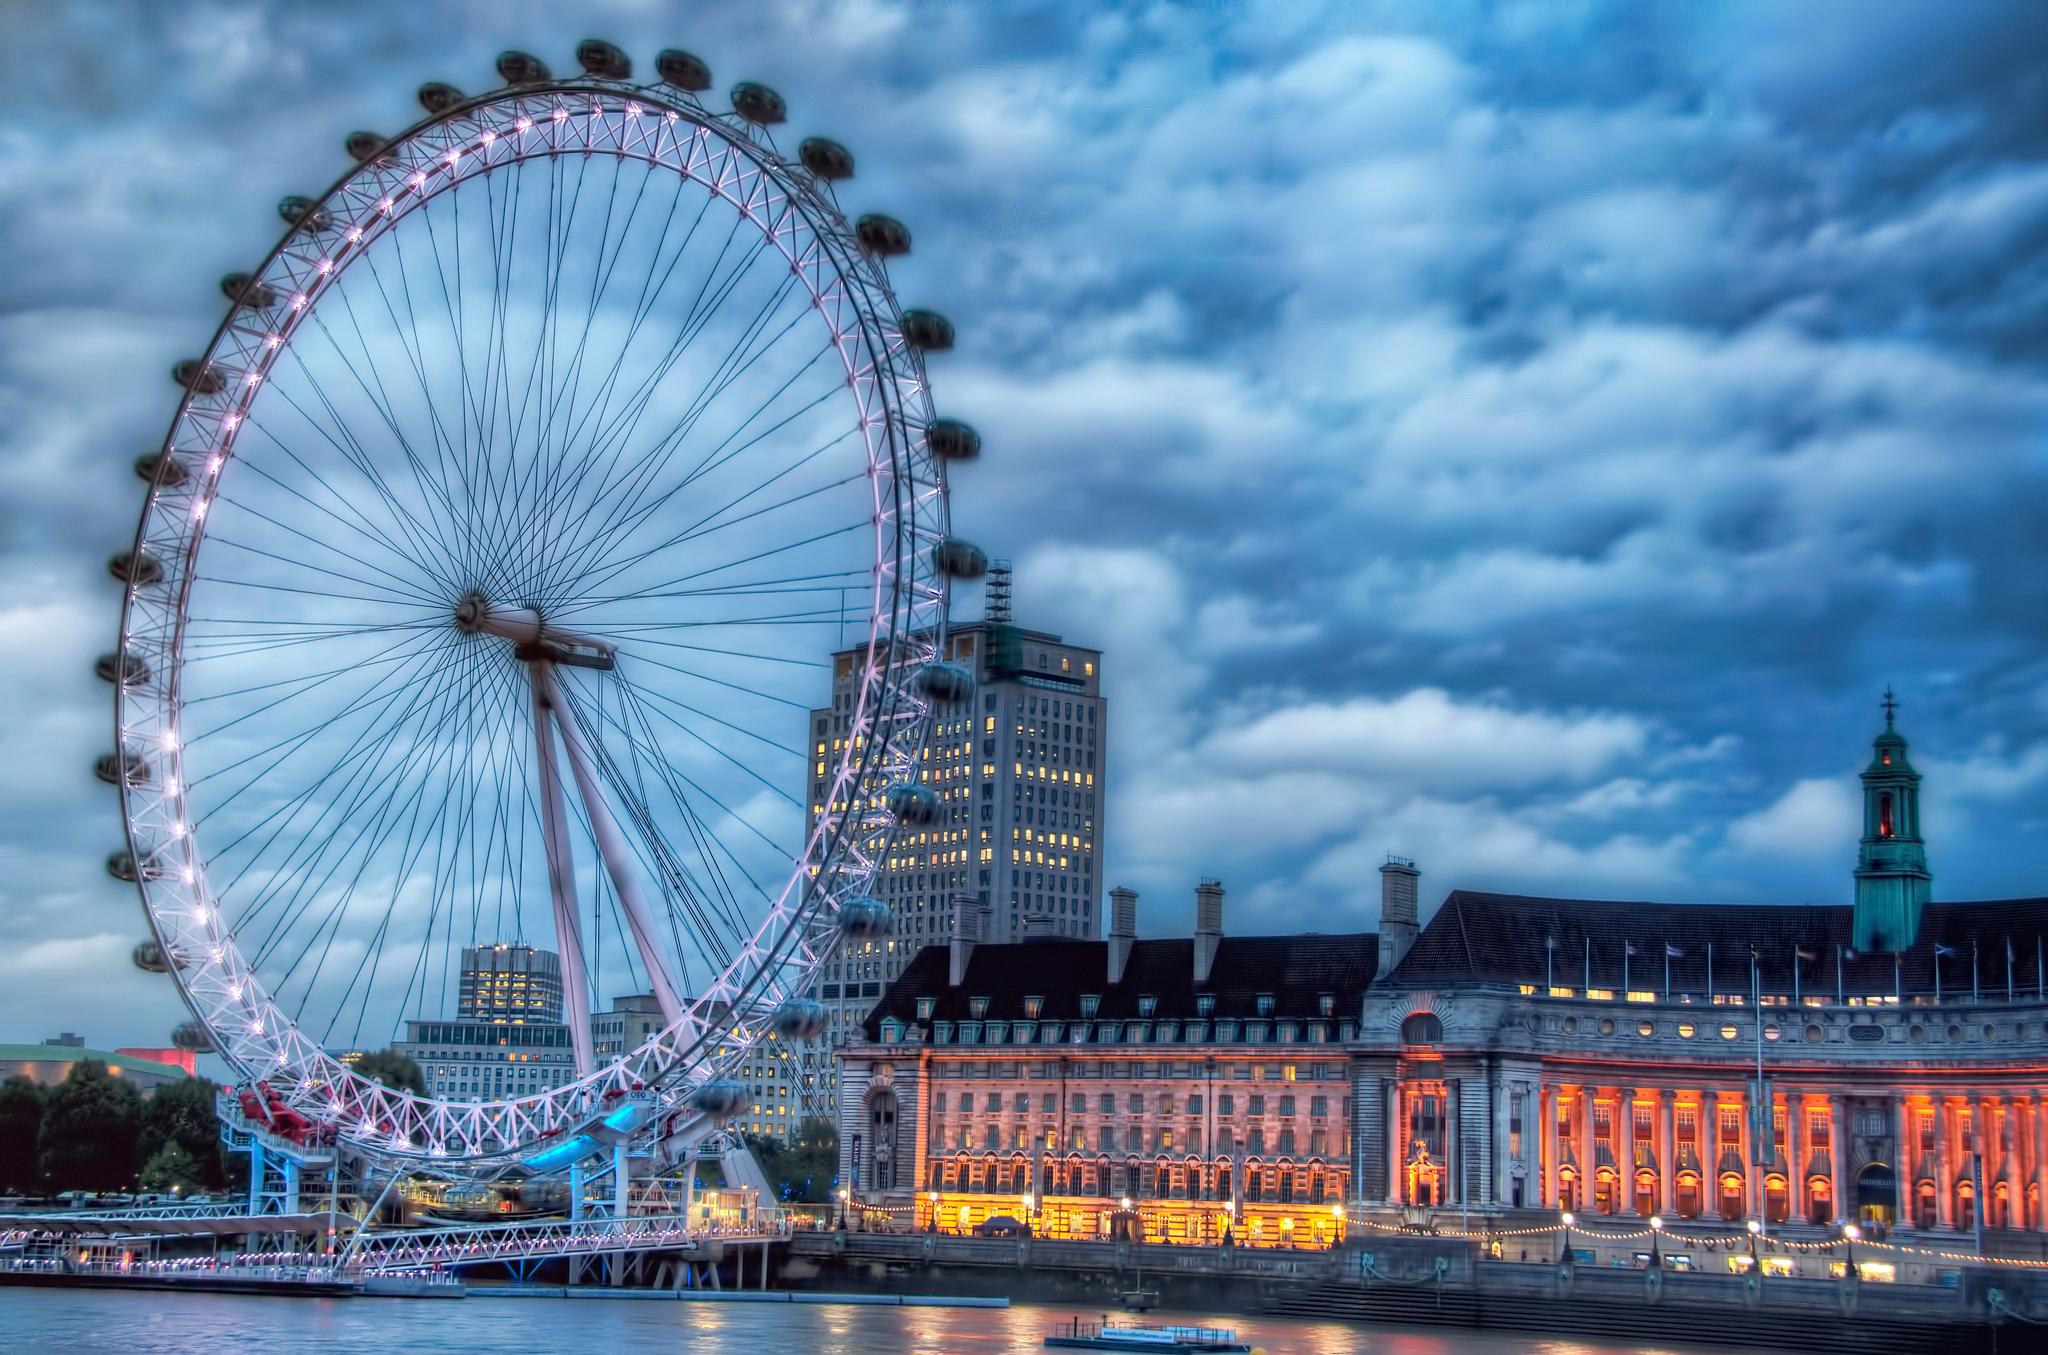 фотографии лондона в хорошем качестве светлый может вообще